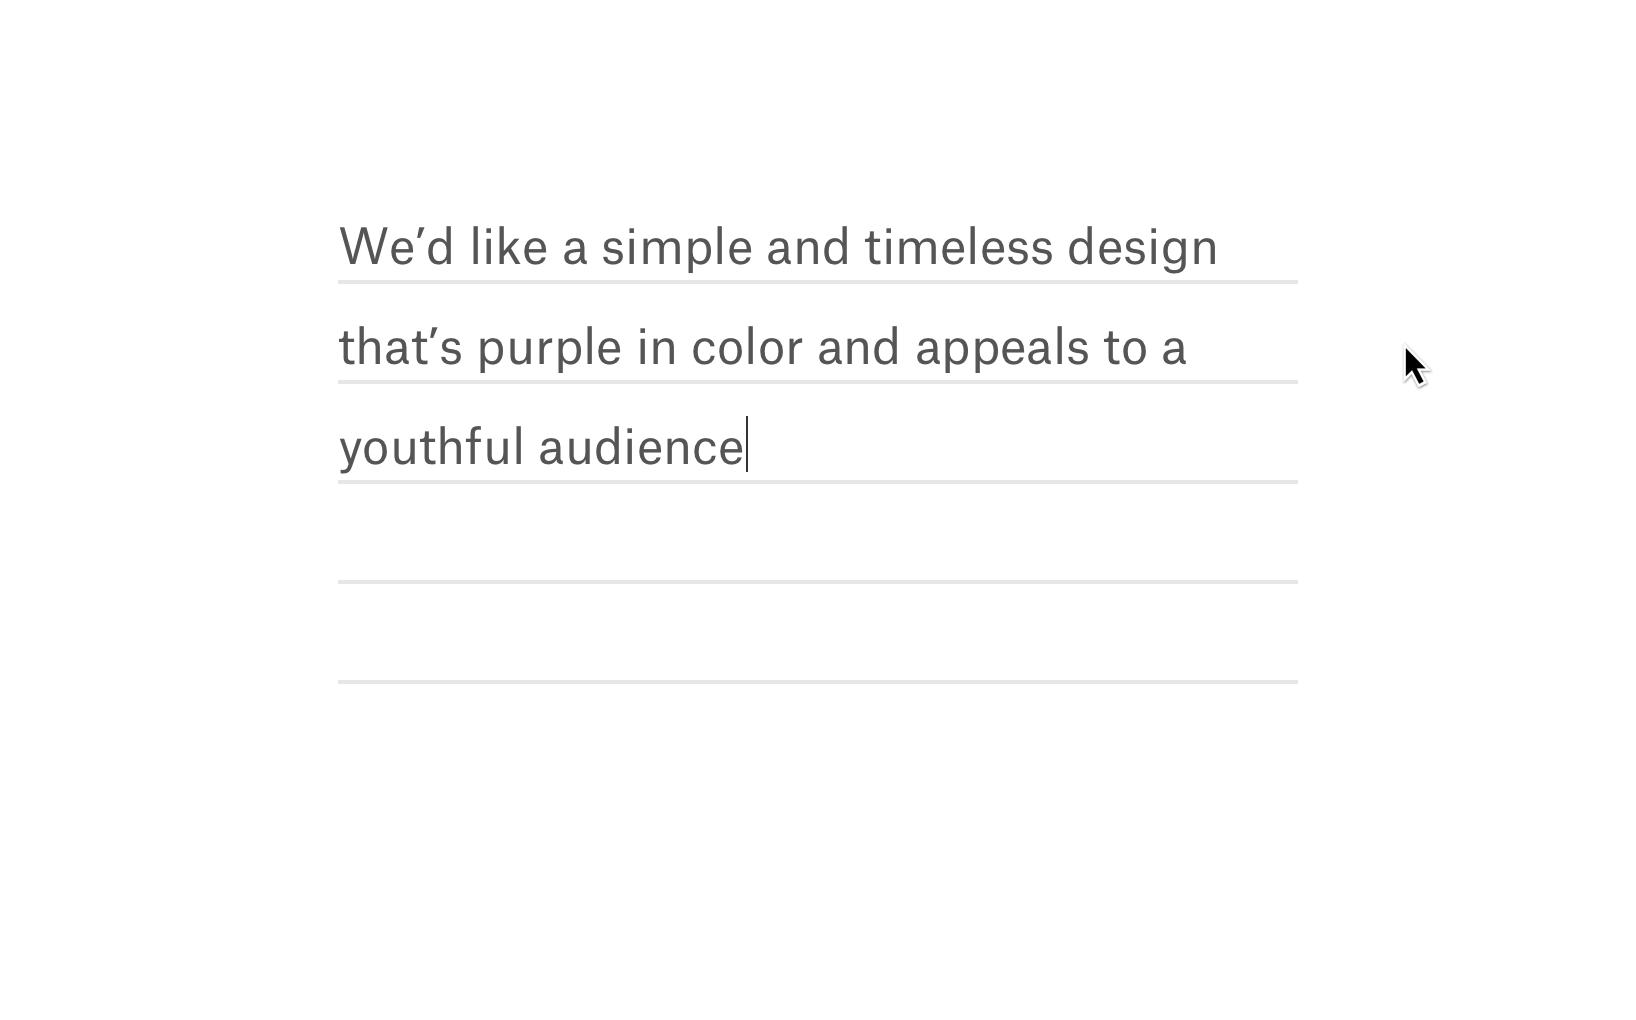 Create a design brief.